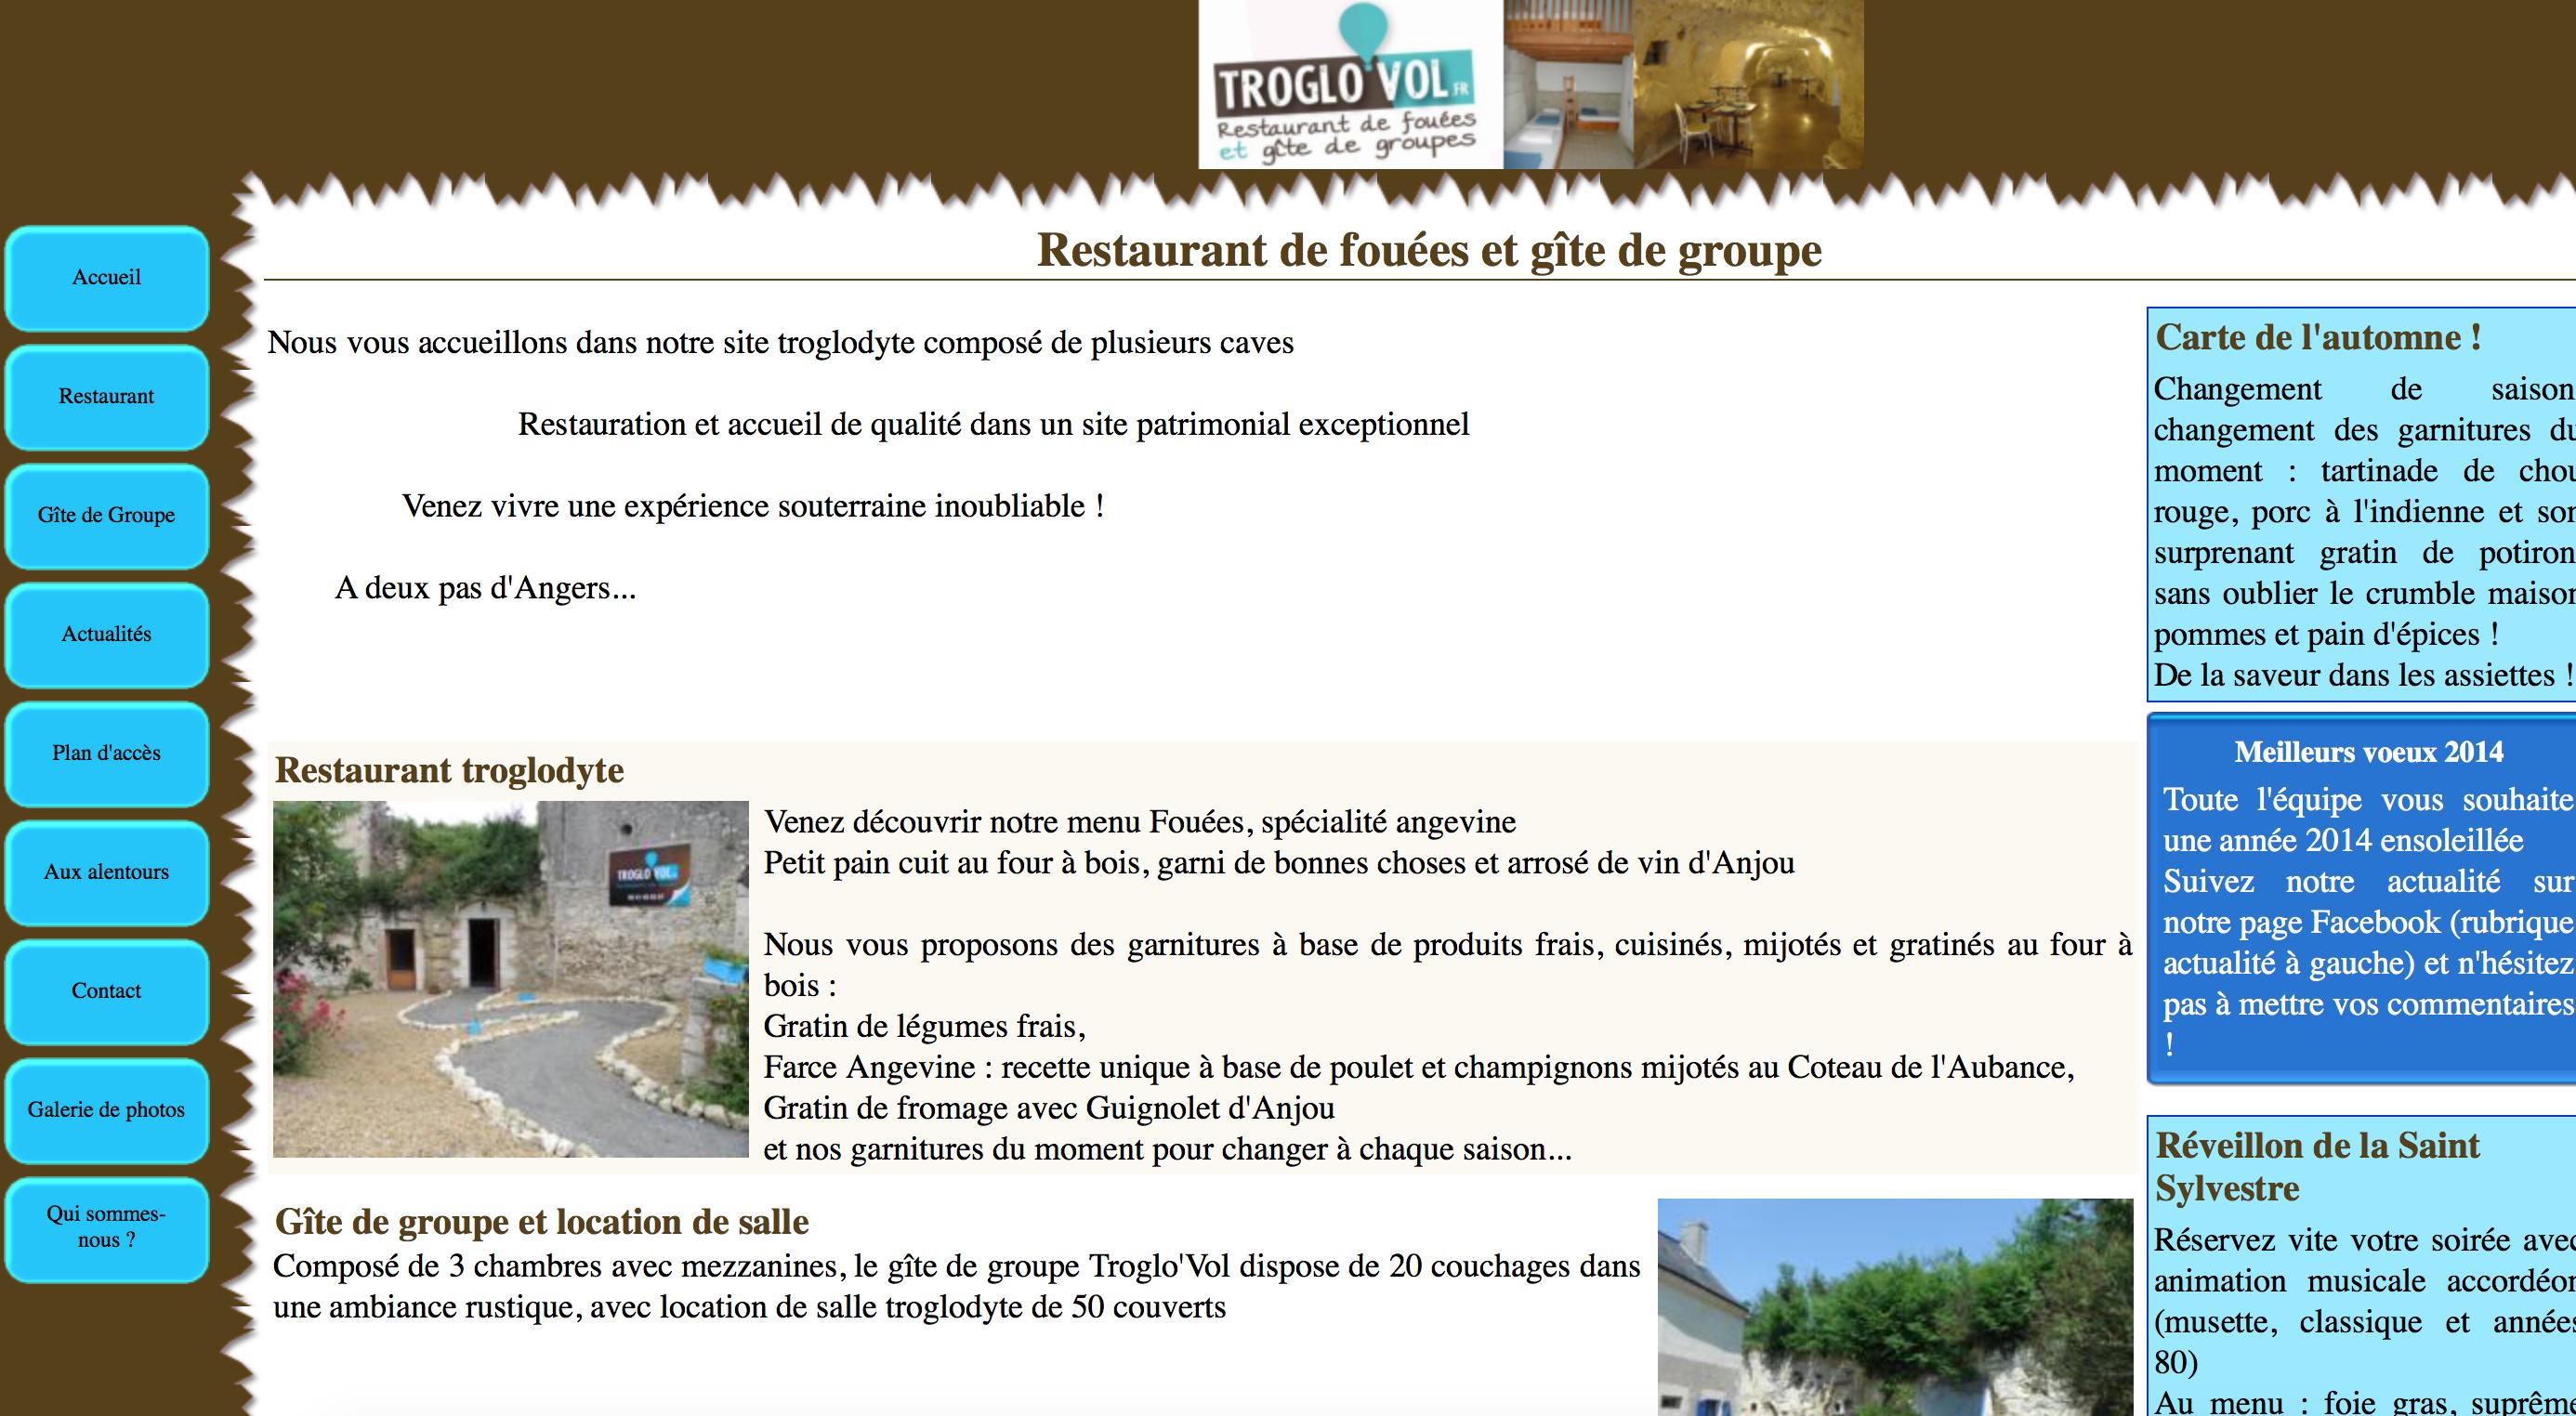 Gîte de groupe et restaurant Troglo vol